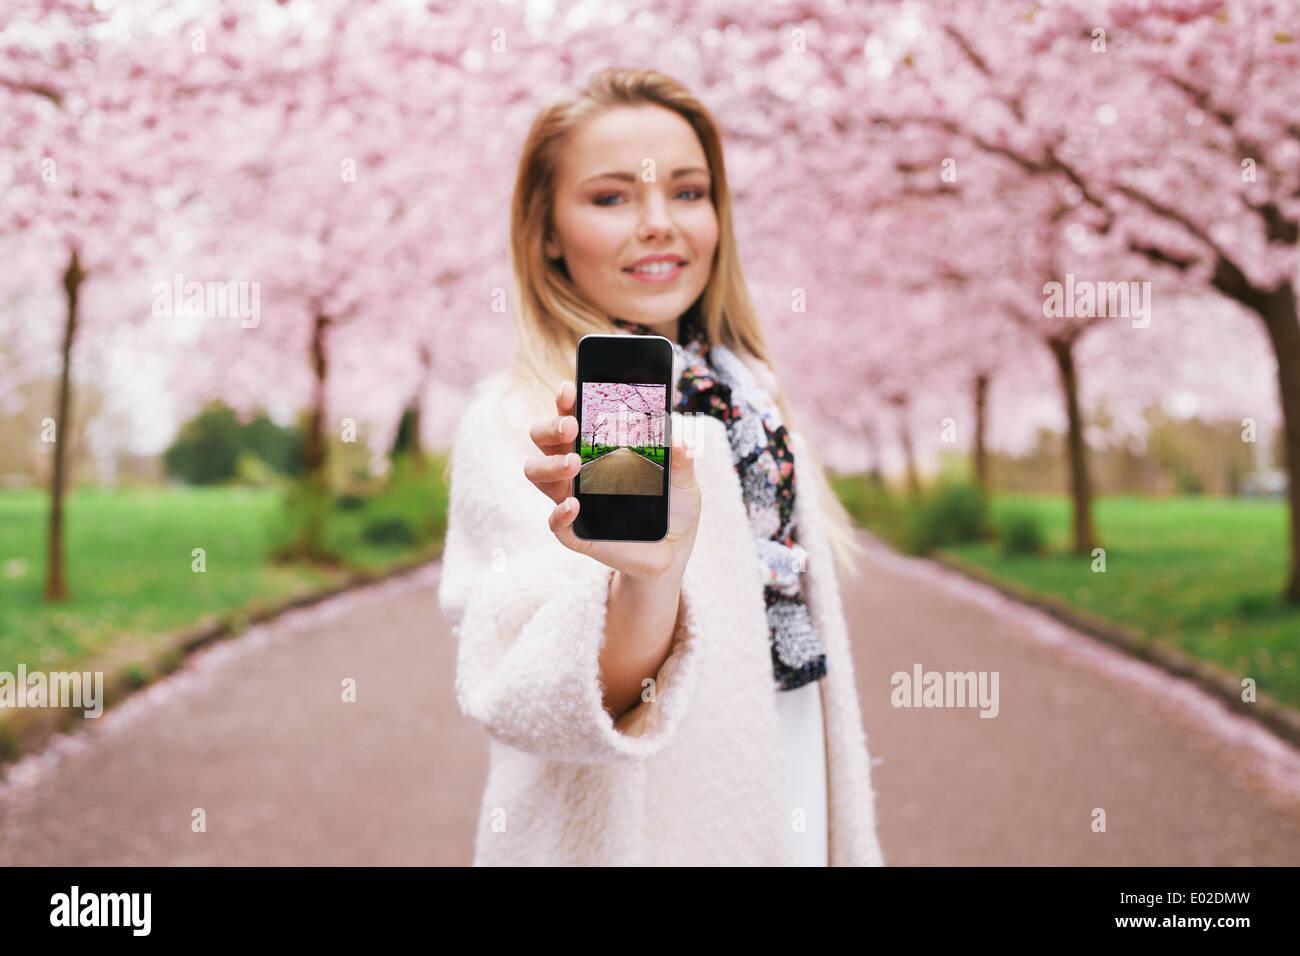 Piuttosto giovane donna mostra un'immagine della molla blossom garden mentre si sta in piedi in un parco. Caucasian giovani femmine che mostra la molla park Immagini Stock